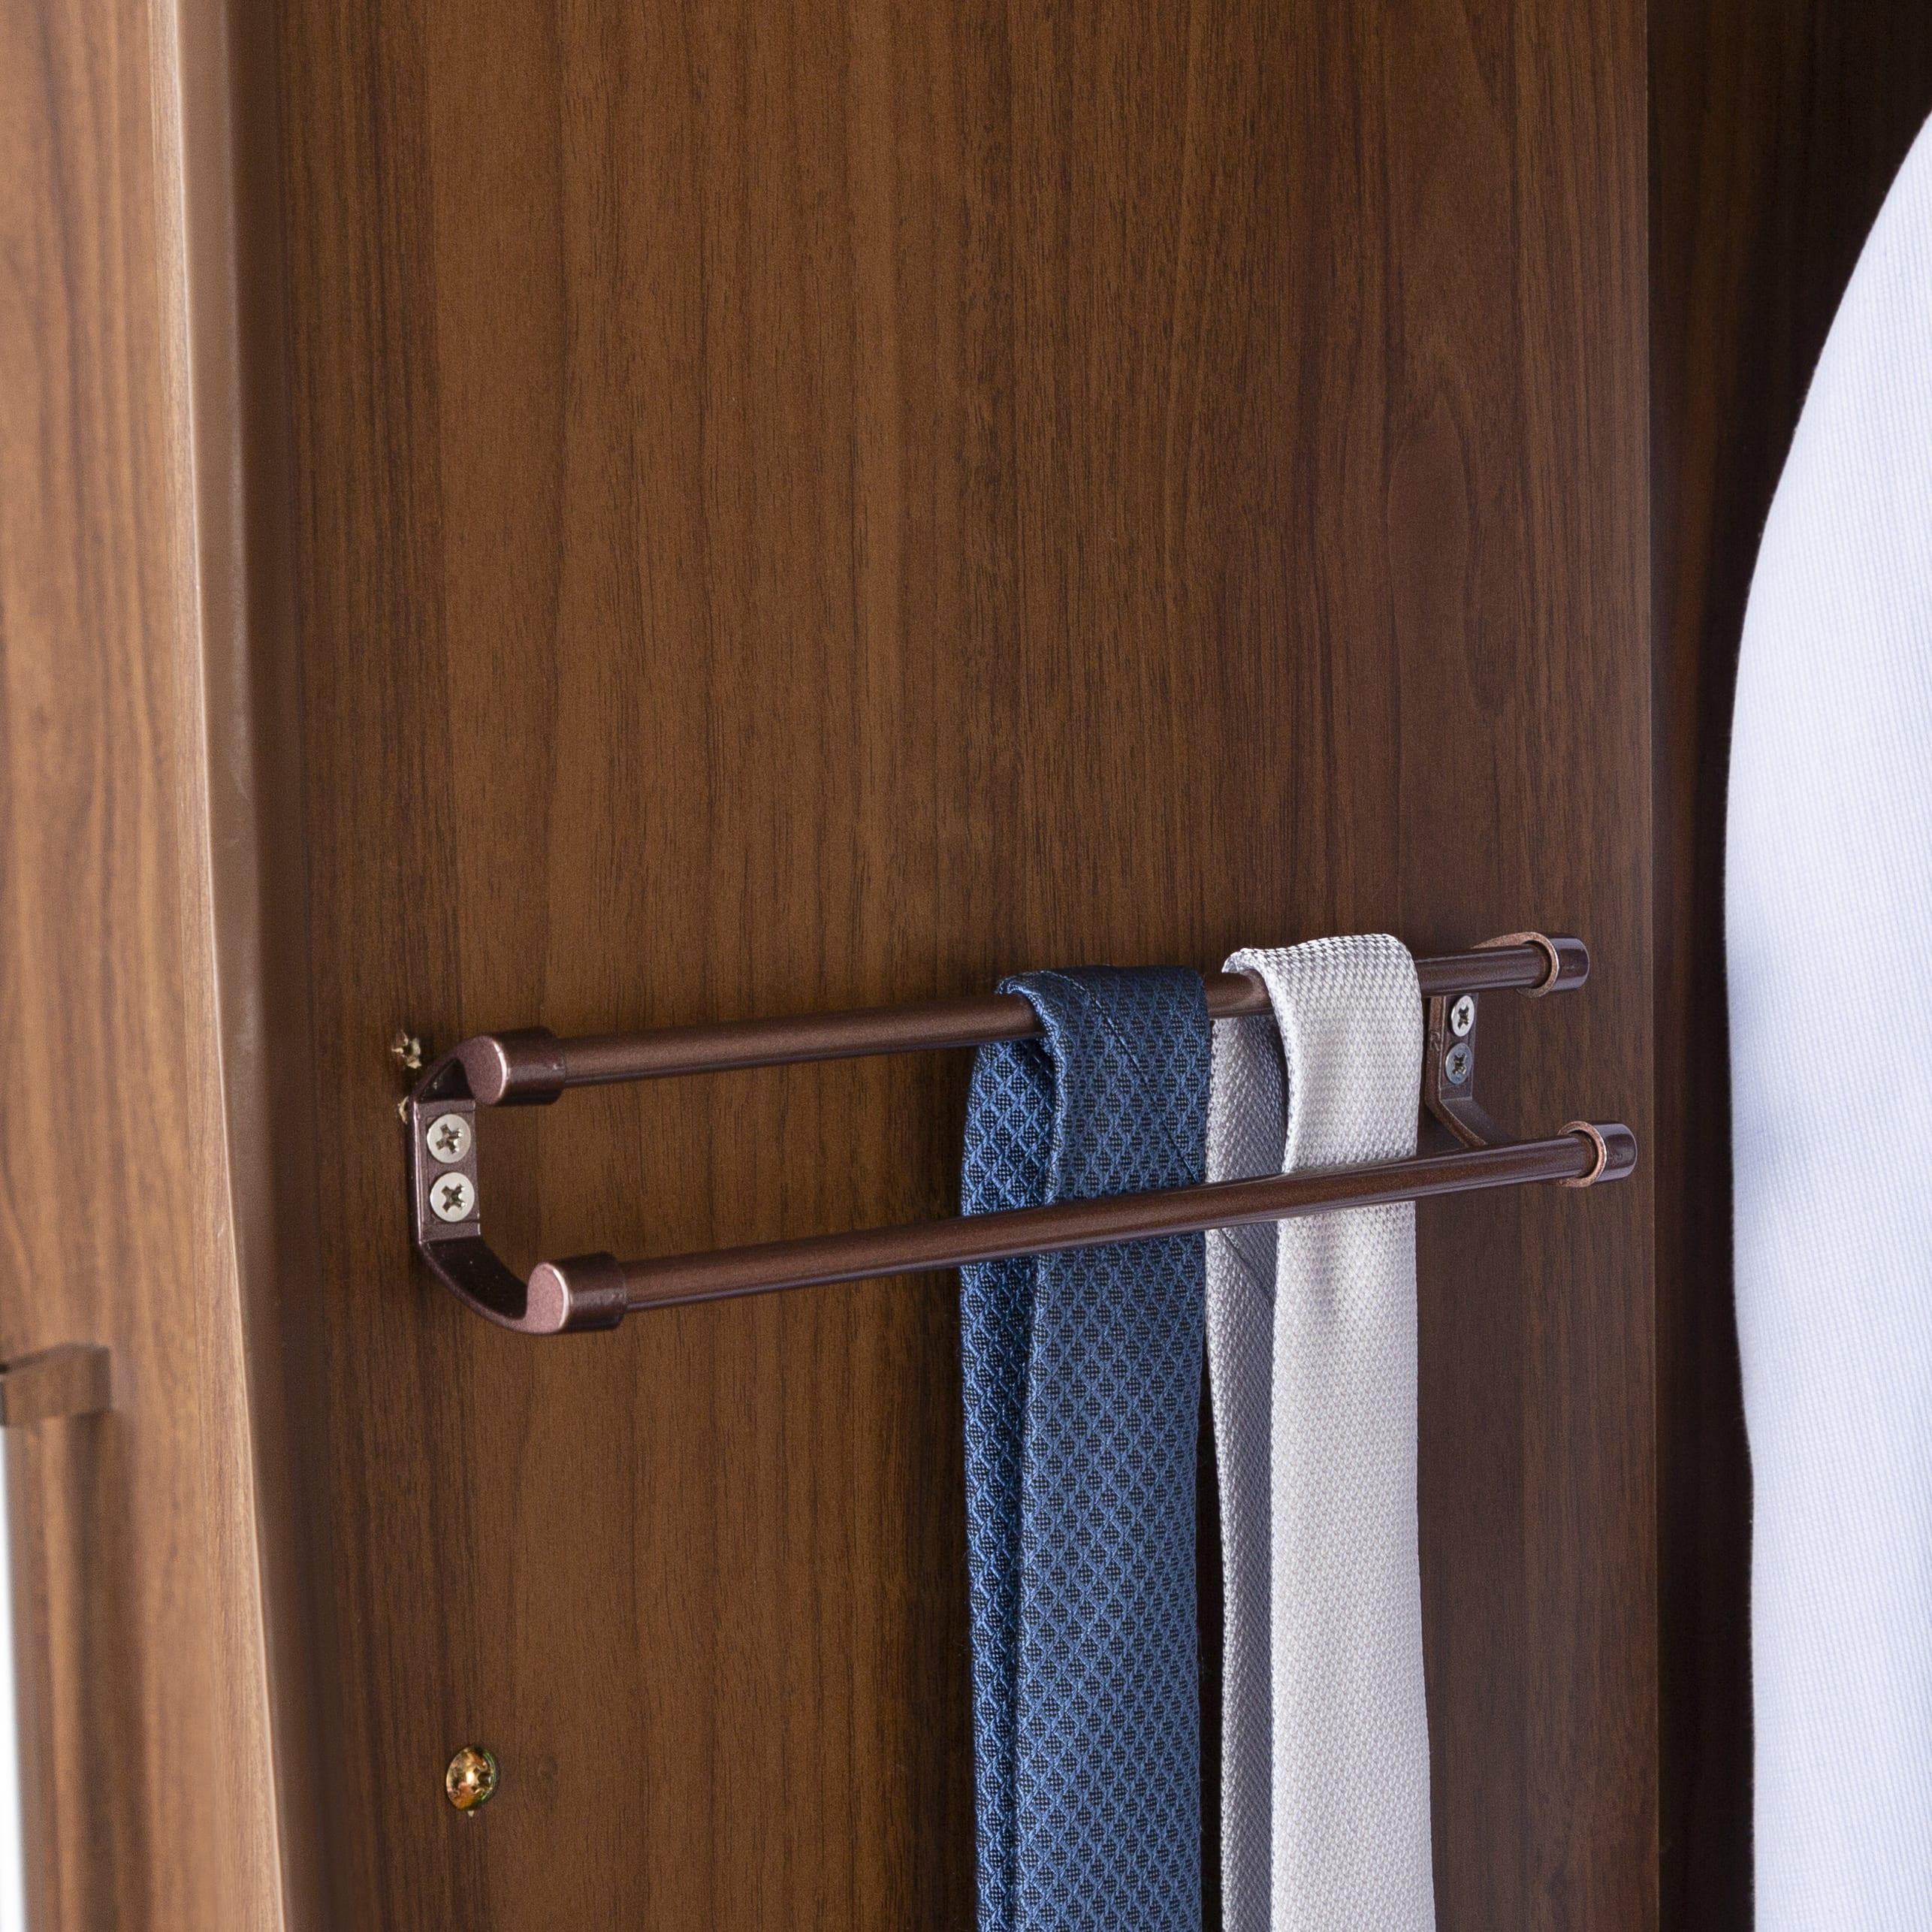 洋服タンス ナット 60 ウエンジ/取手ブラック:ねじ込み式ダボで調節簡単